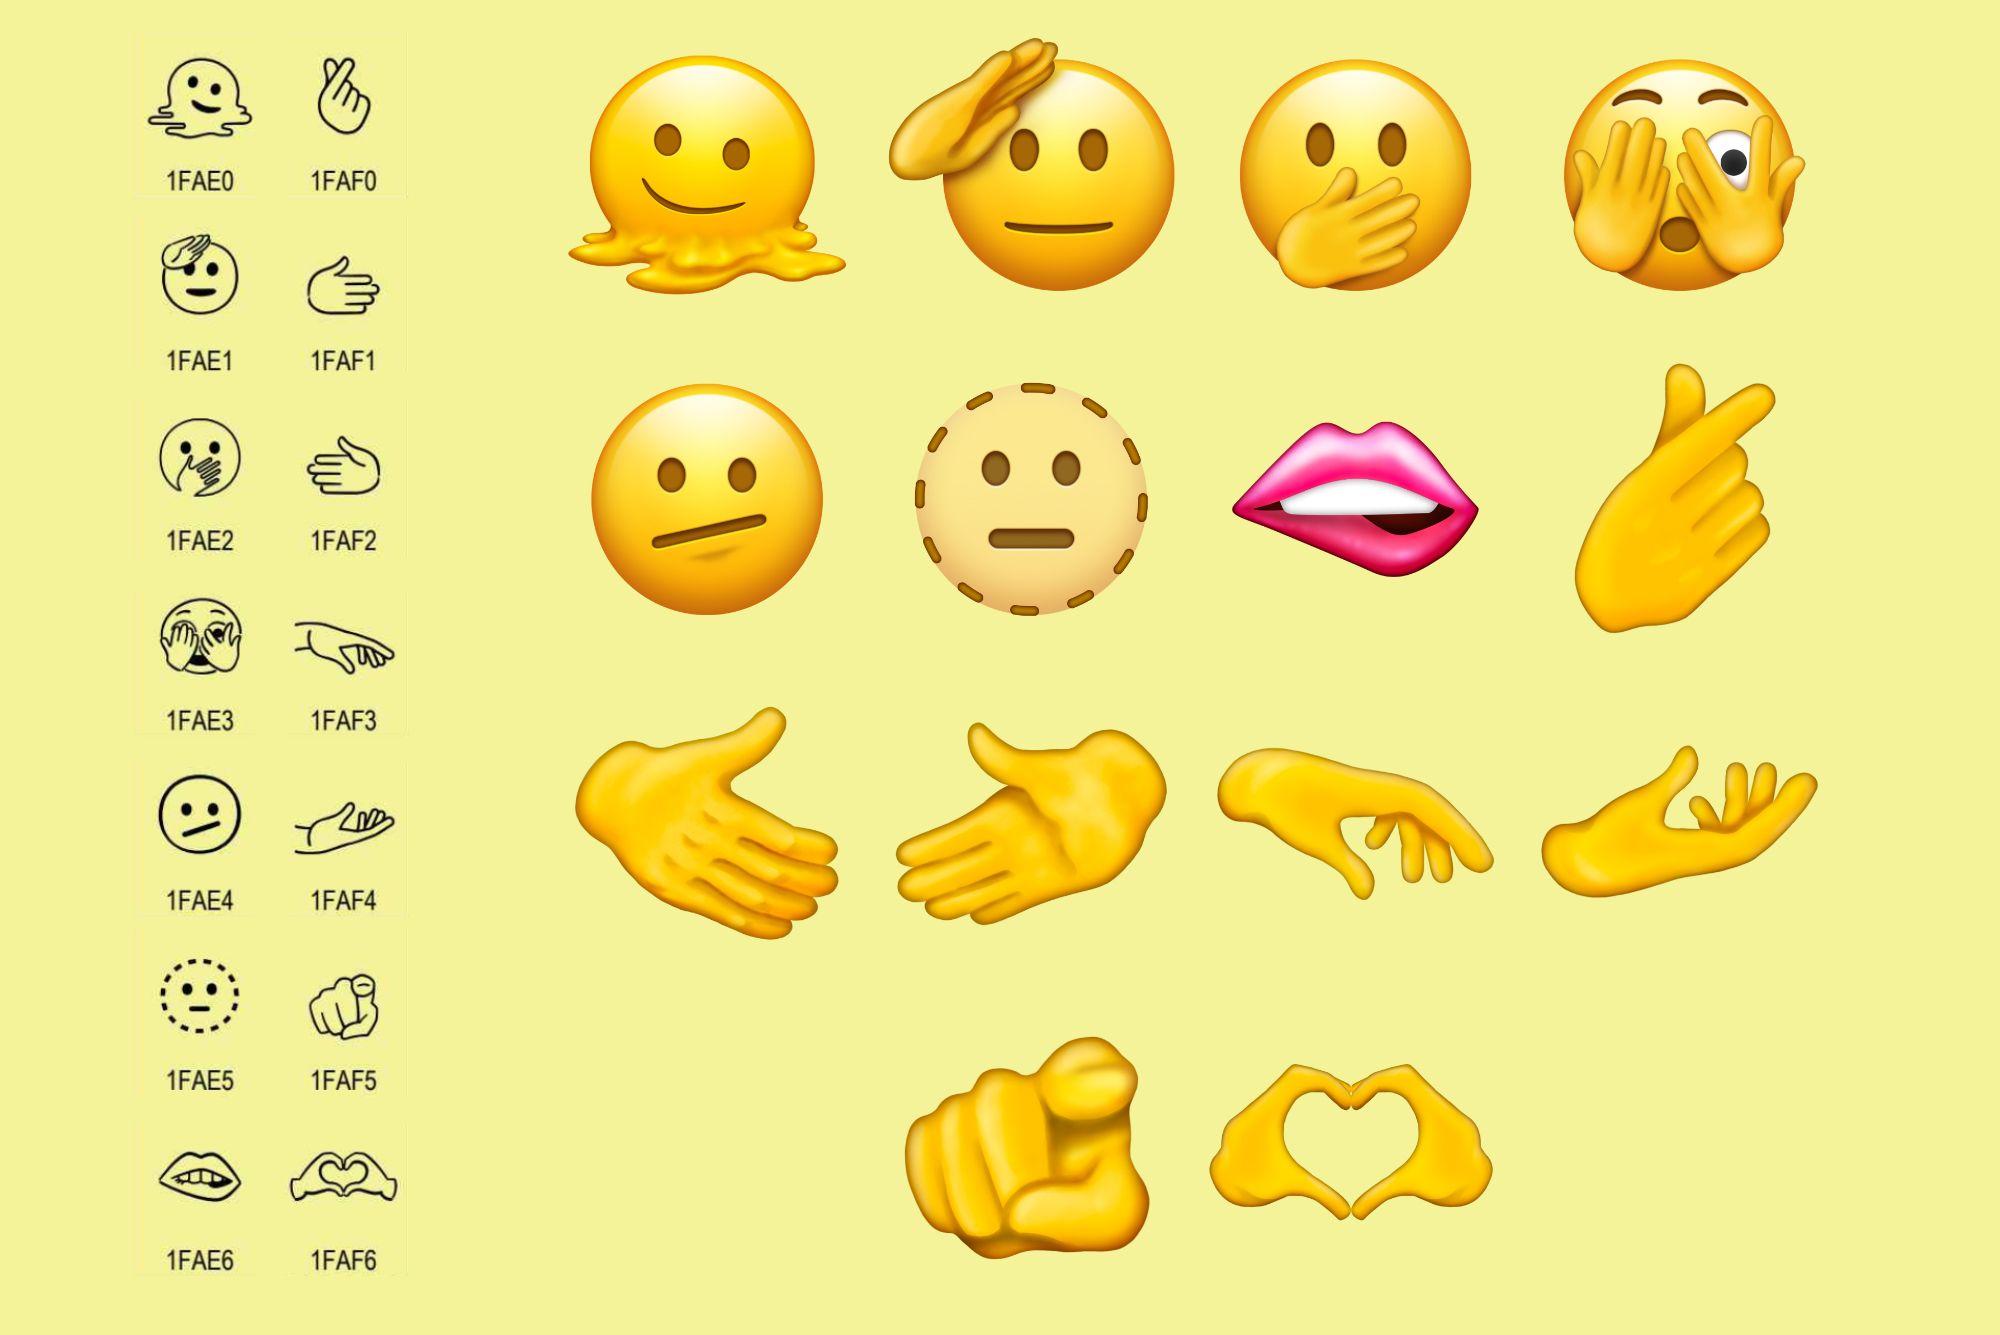 Emojipedia/Reprodução)